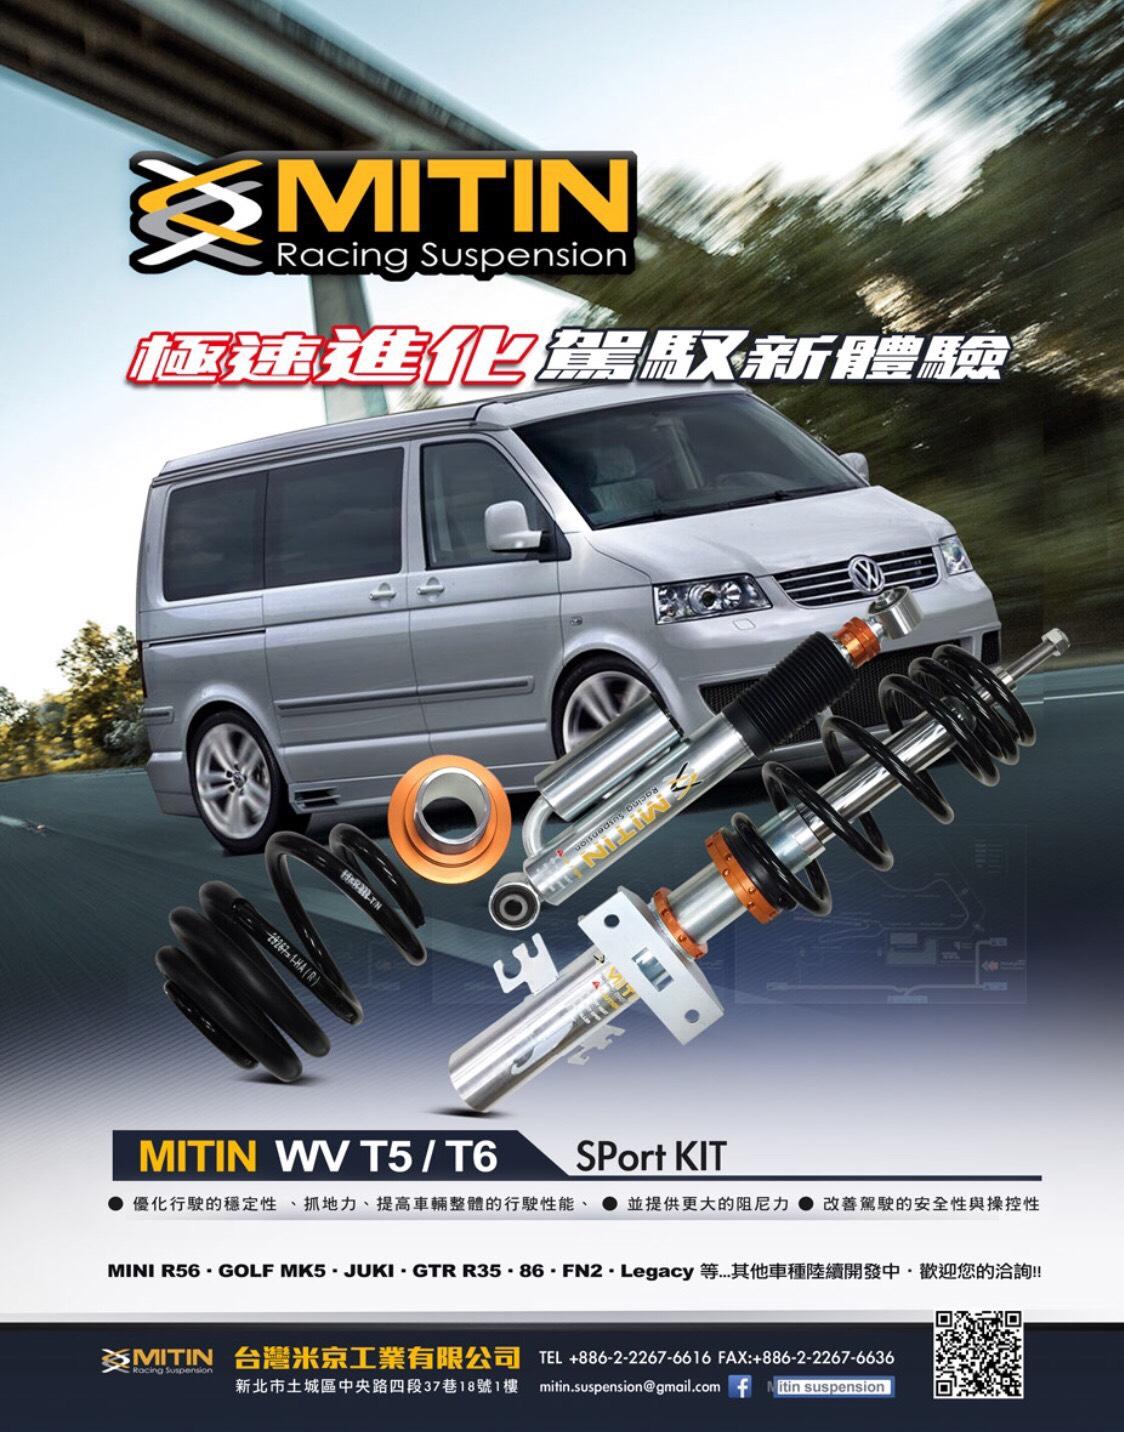 mitin-suspension__66969605